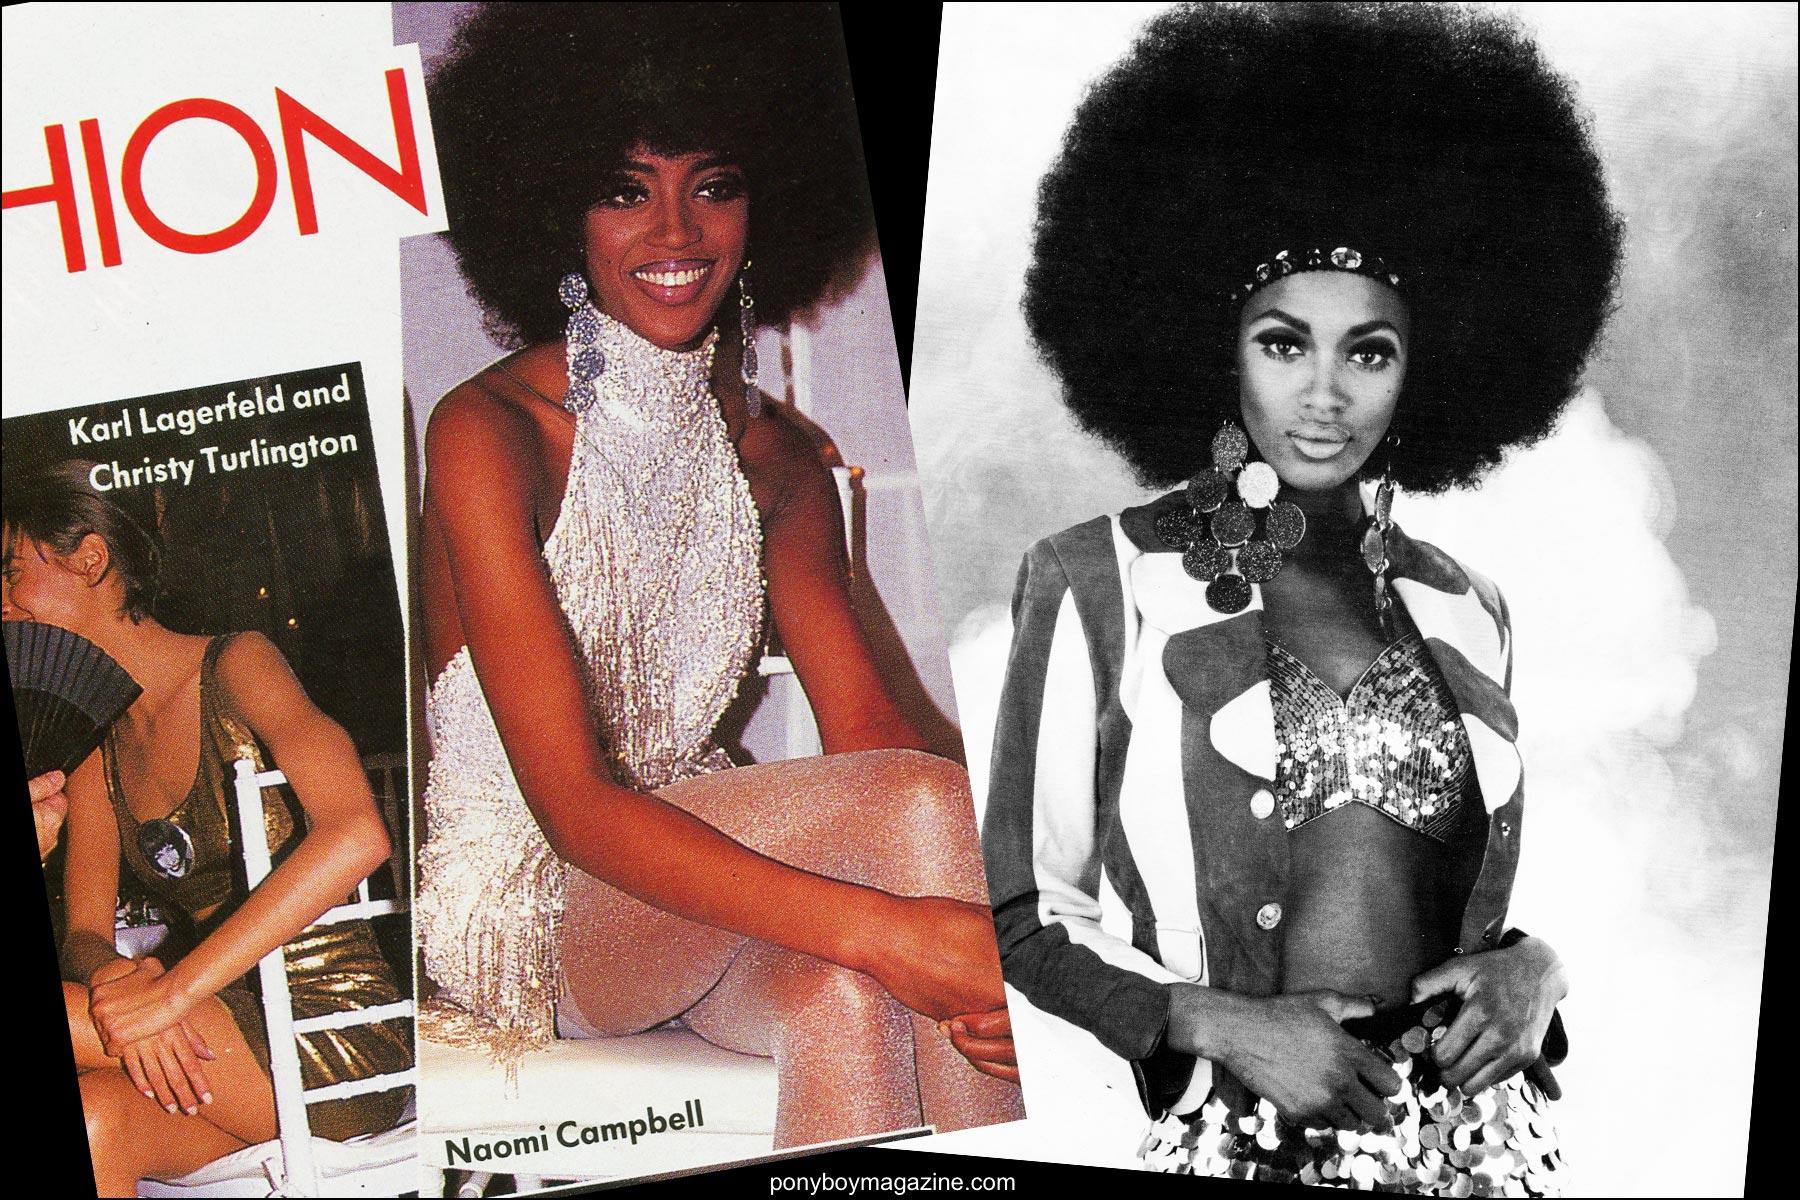 Supermodel Naomi Campbell photographed in Maria Ayala plastic jewelry. Ponyboy magazine NY.